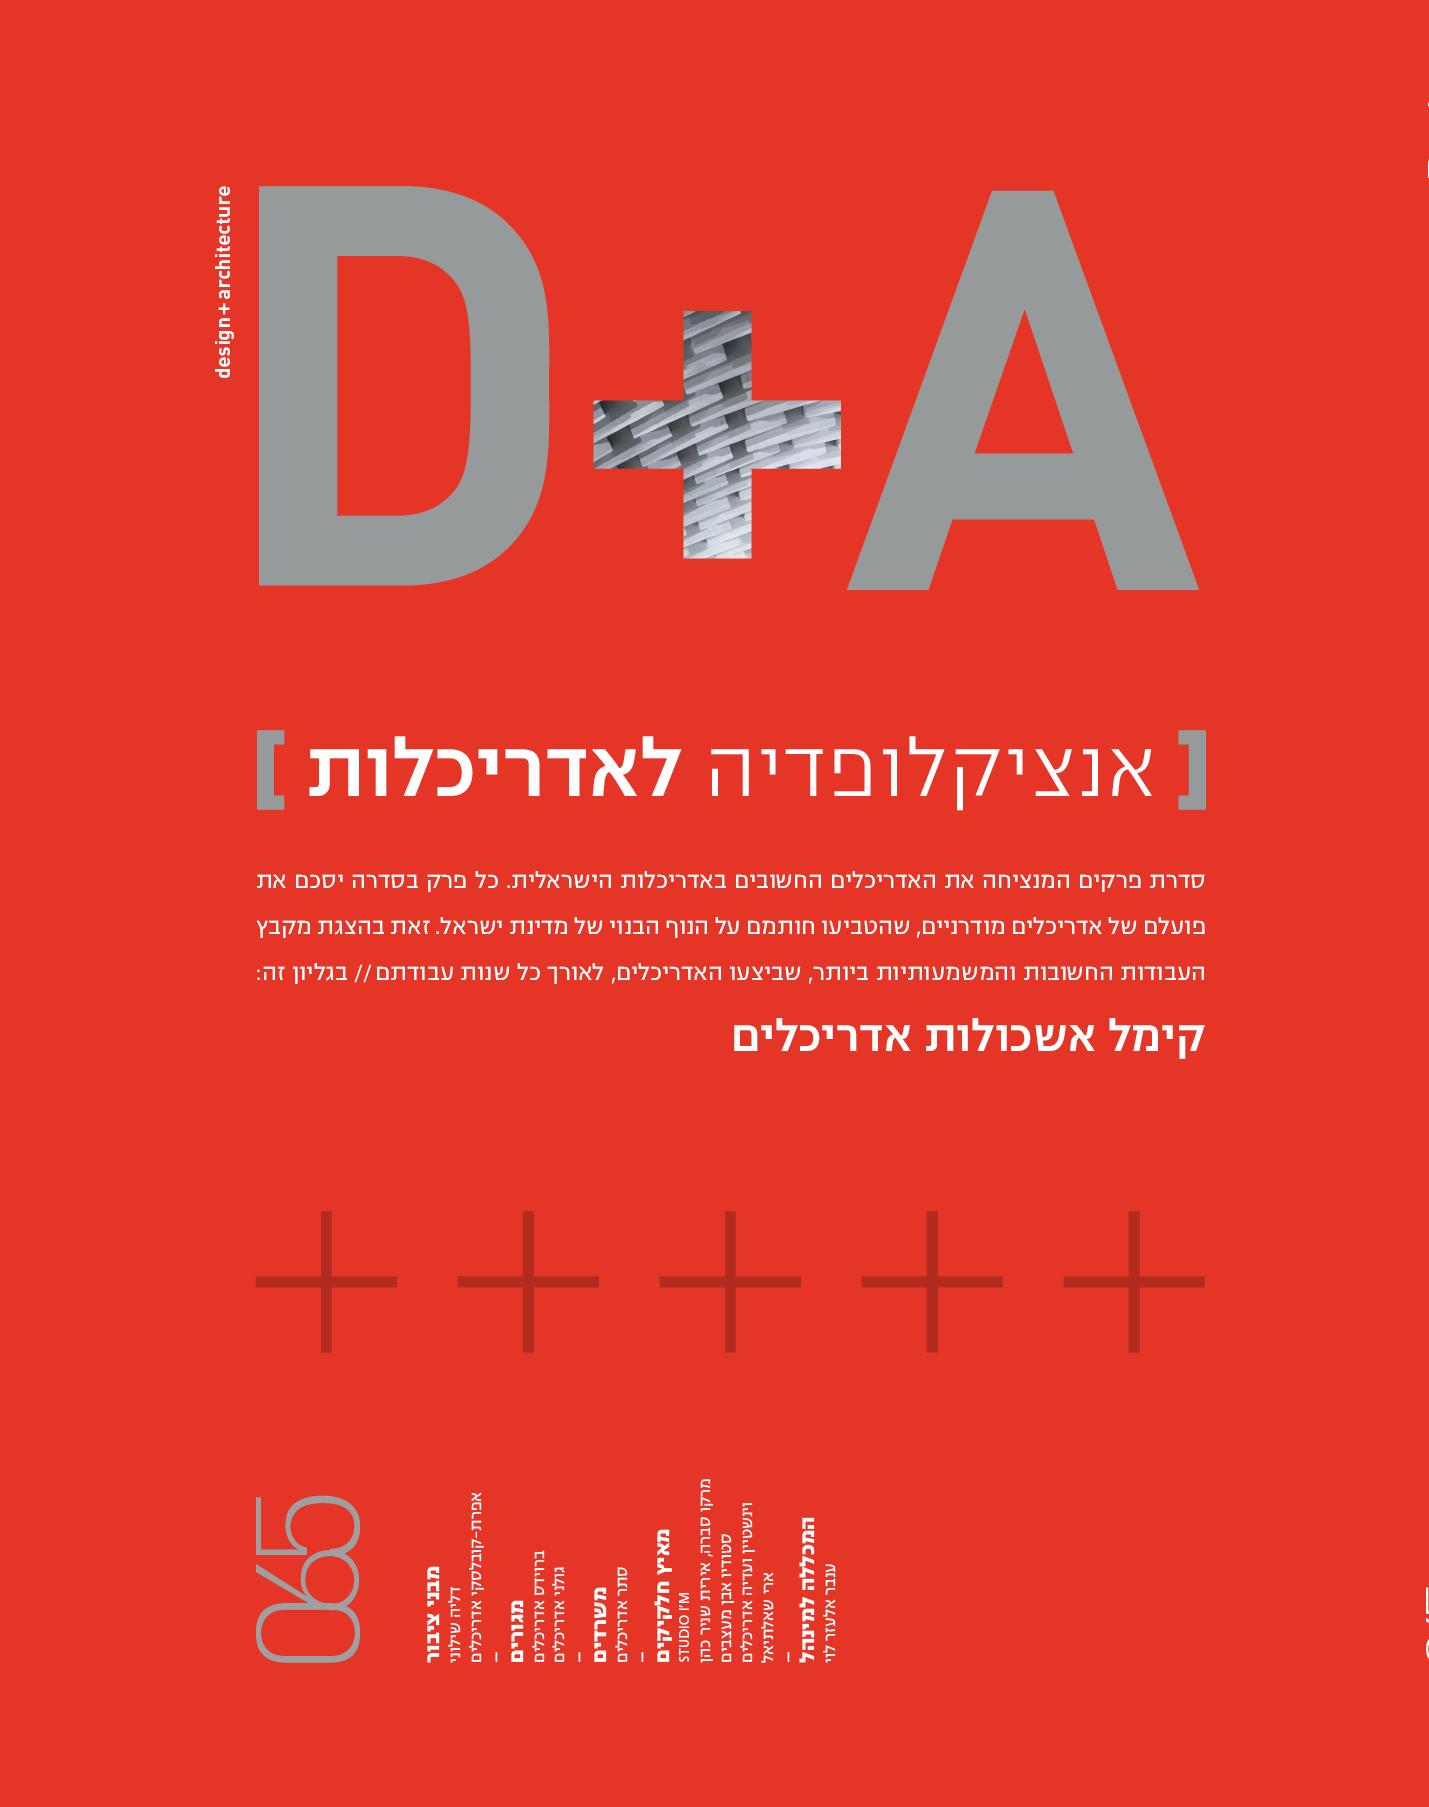 65: אנציקלופדיה לאדריכלות / קימל אשכולות אדריכלים